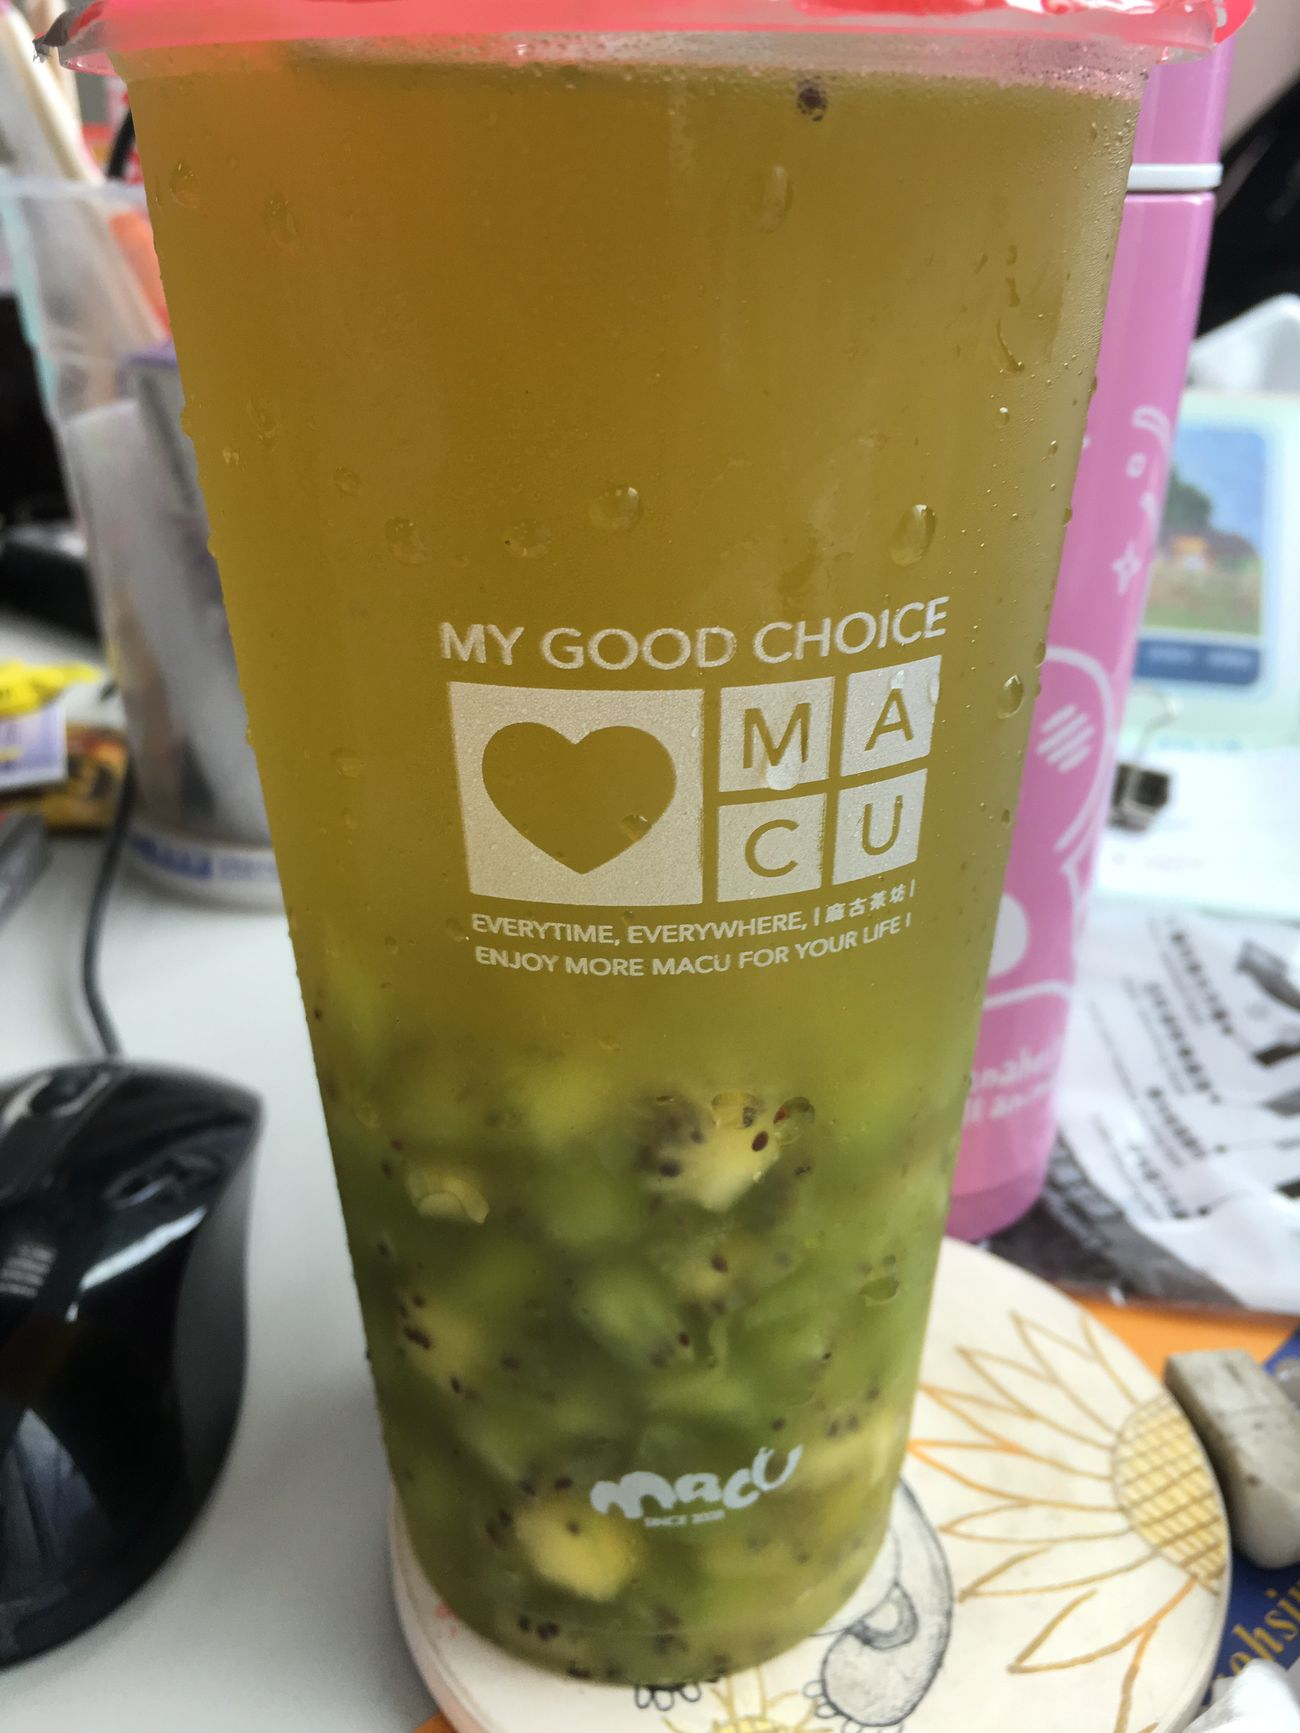 高雄 臺灣 四月 April Kaohsiung Taiwan Taiwanese 工作 大魯閣草衙道 Food 食物 Working Drink 飲料 奇異果